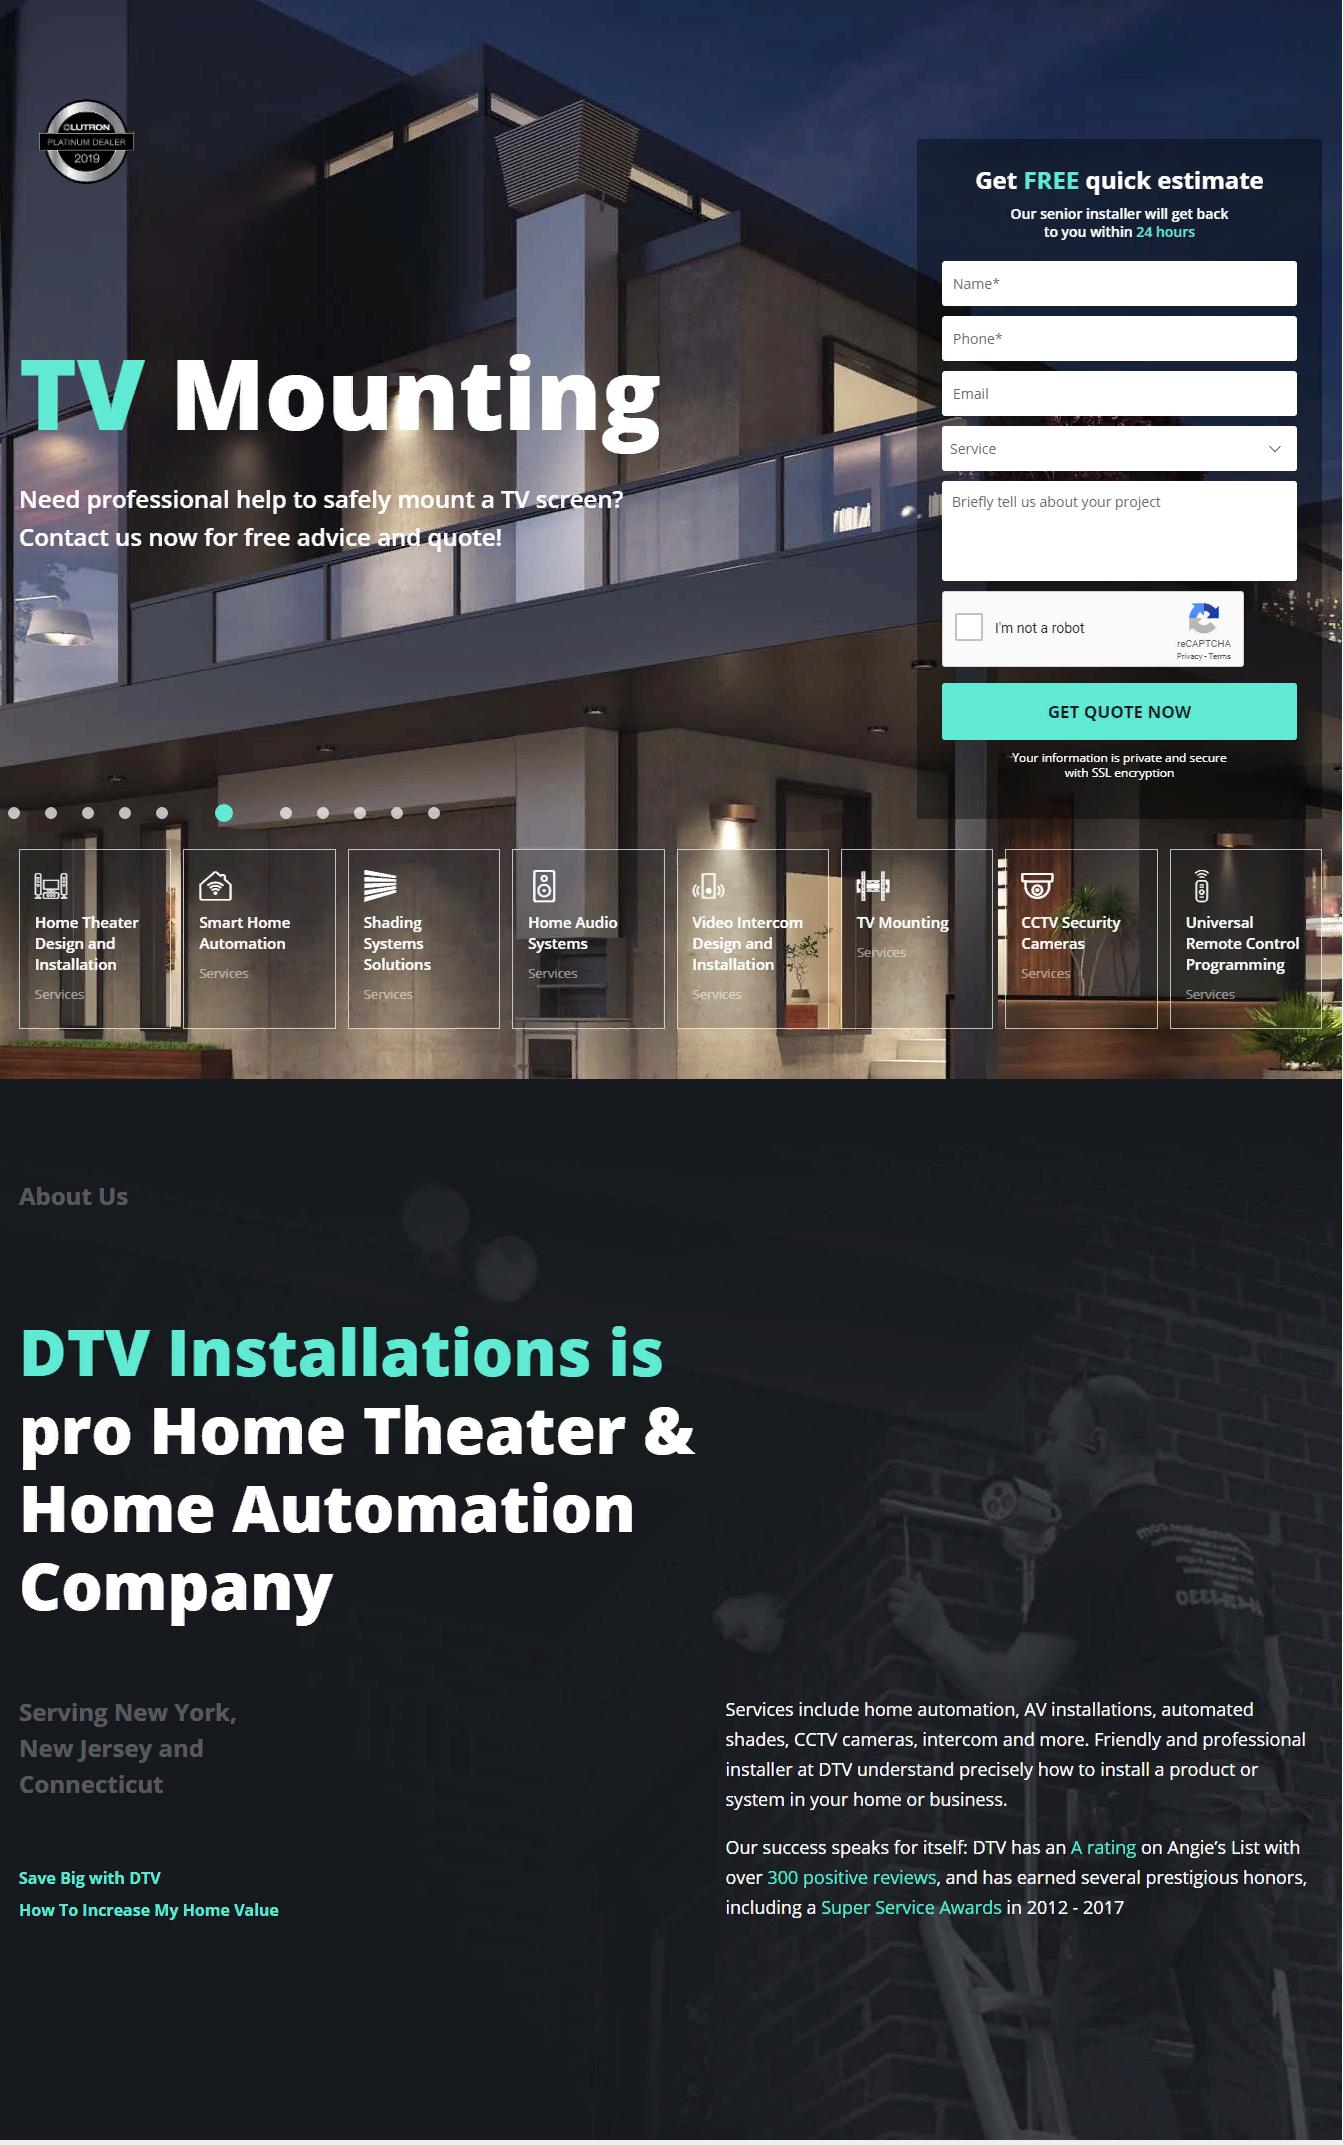 DTV Installations